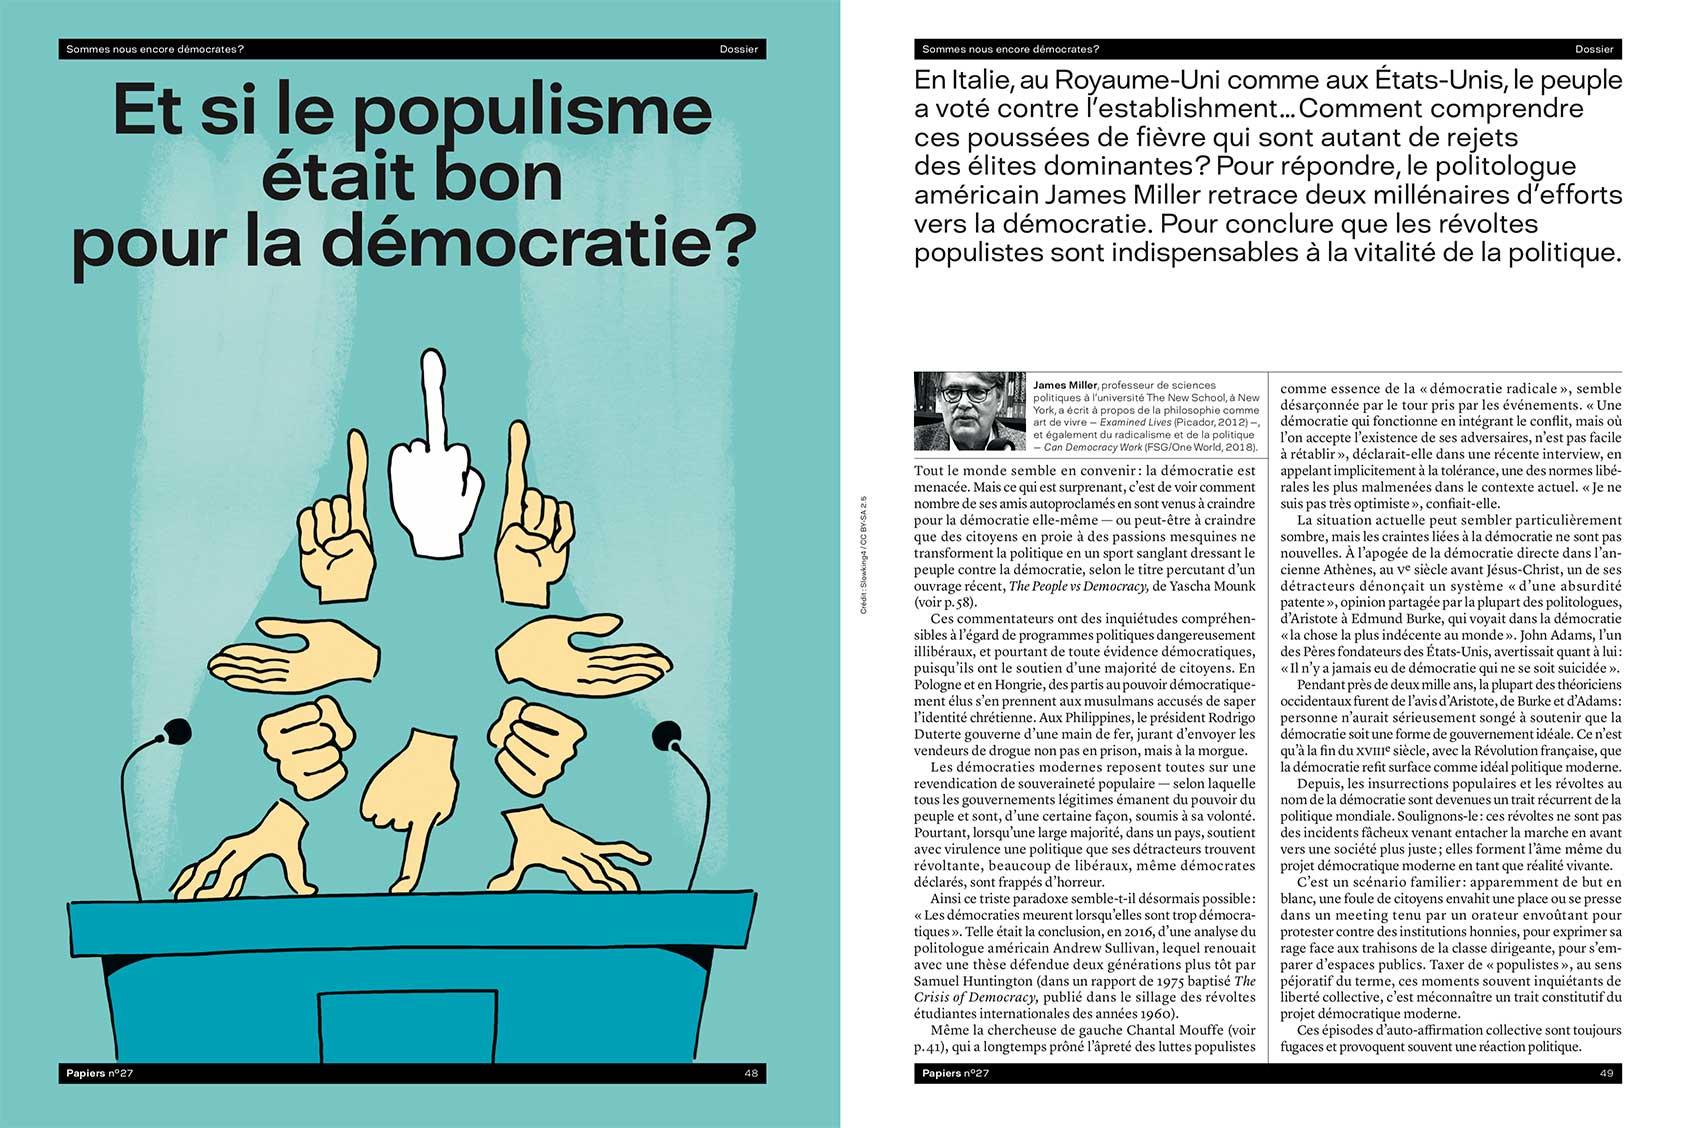 papier27-populisme